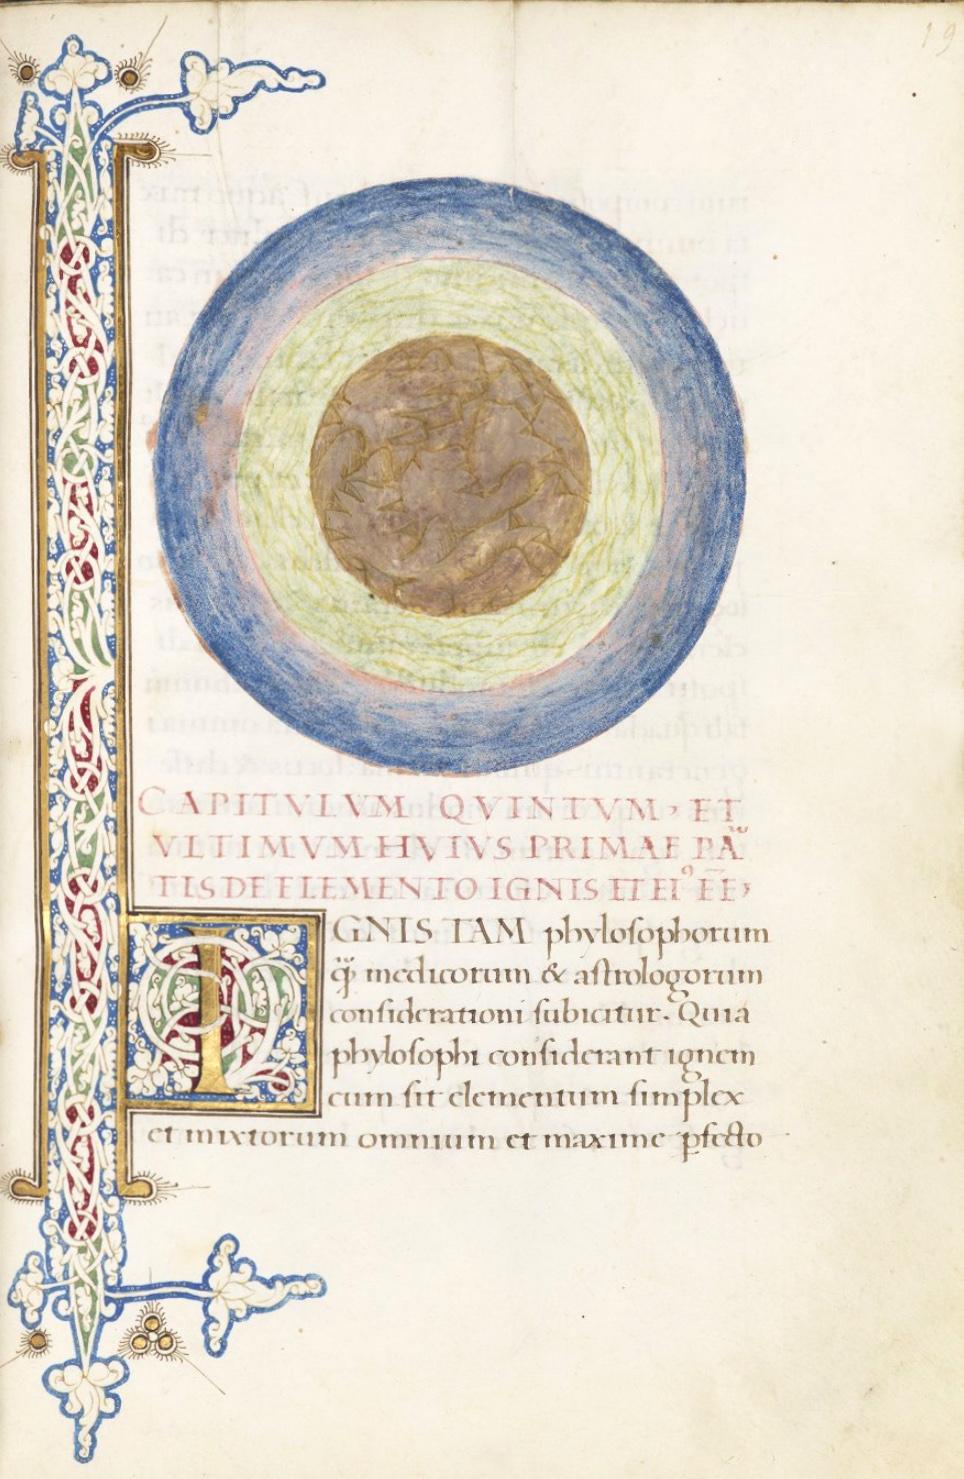 Napoli Aragonese | Compendio di Astrologia di Proliano, foglio 41